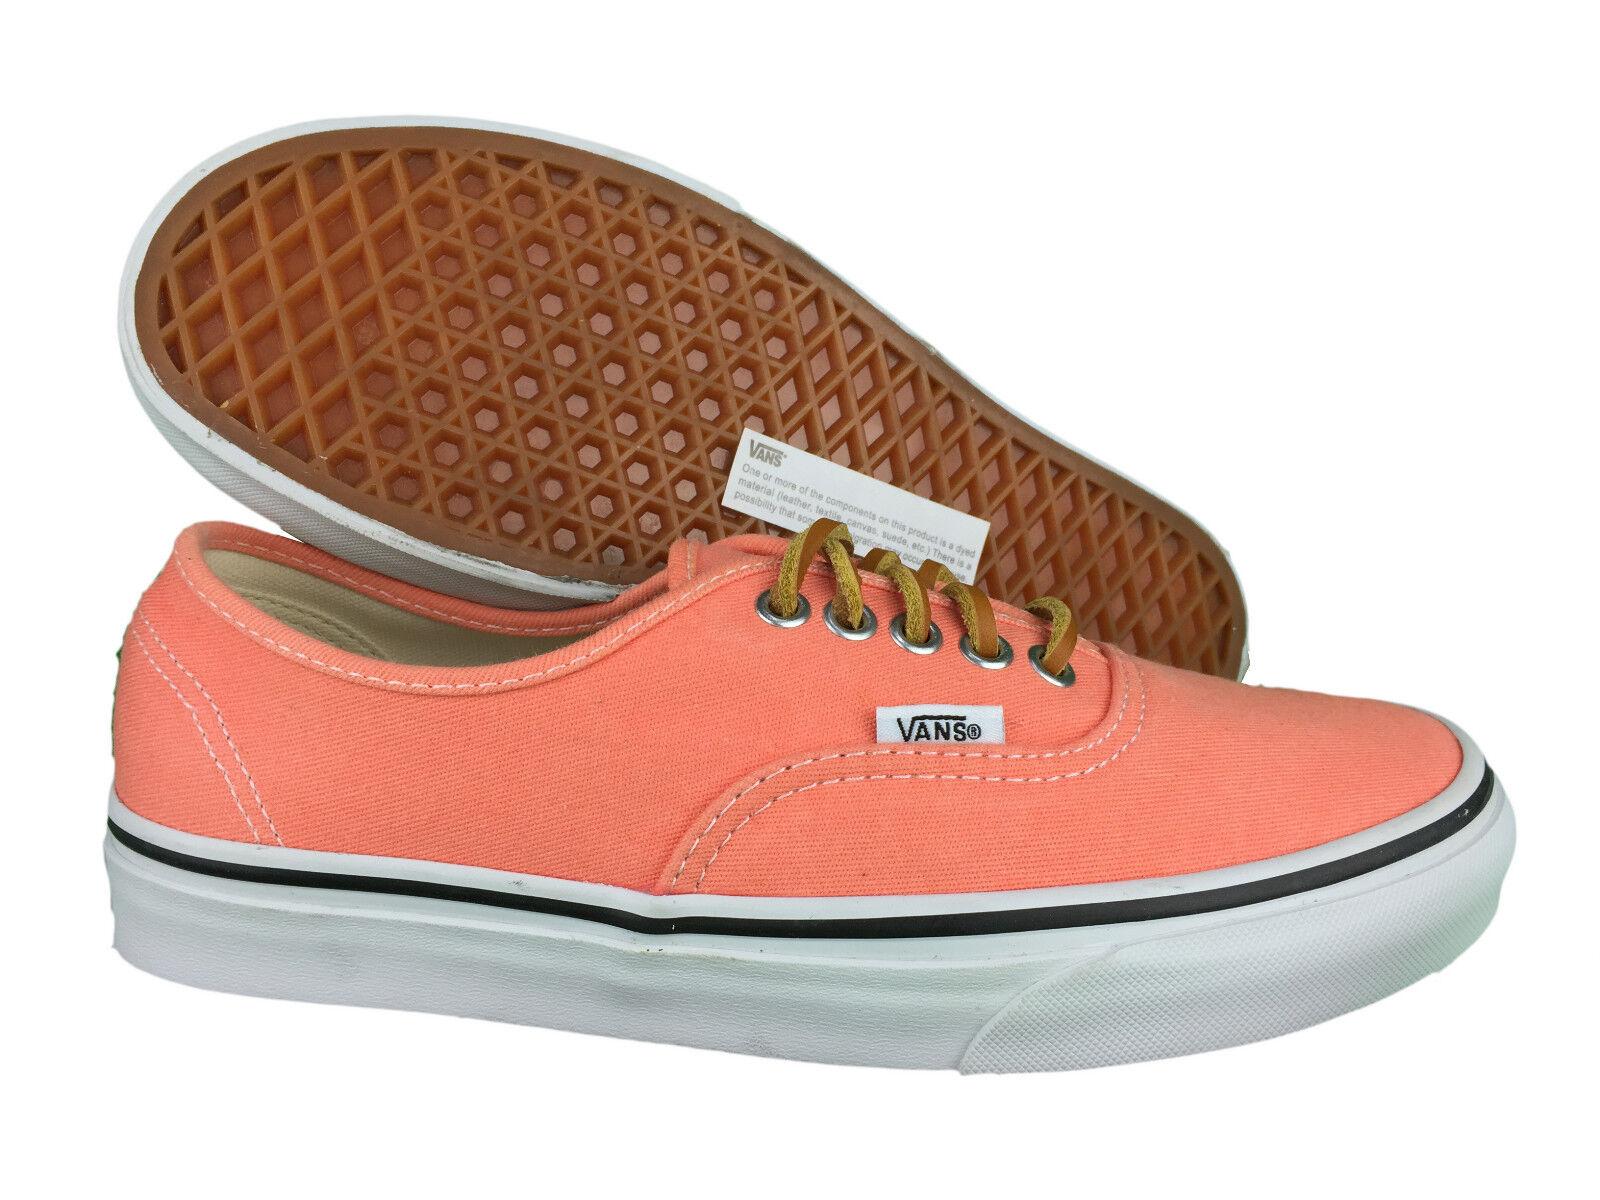 VANS. Authentic. Fresh Salmon Casual Unisex shoes. Mens US Size  3.5 - 9.